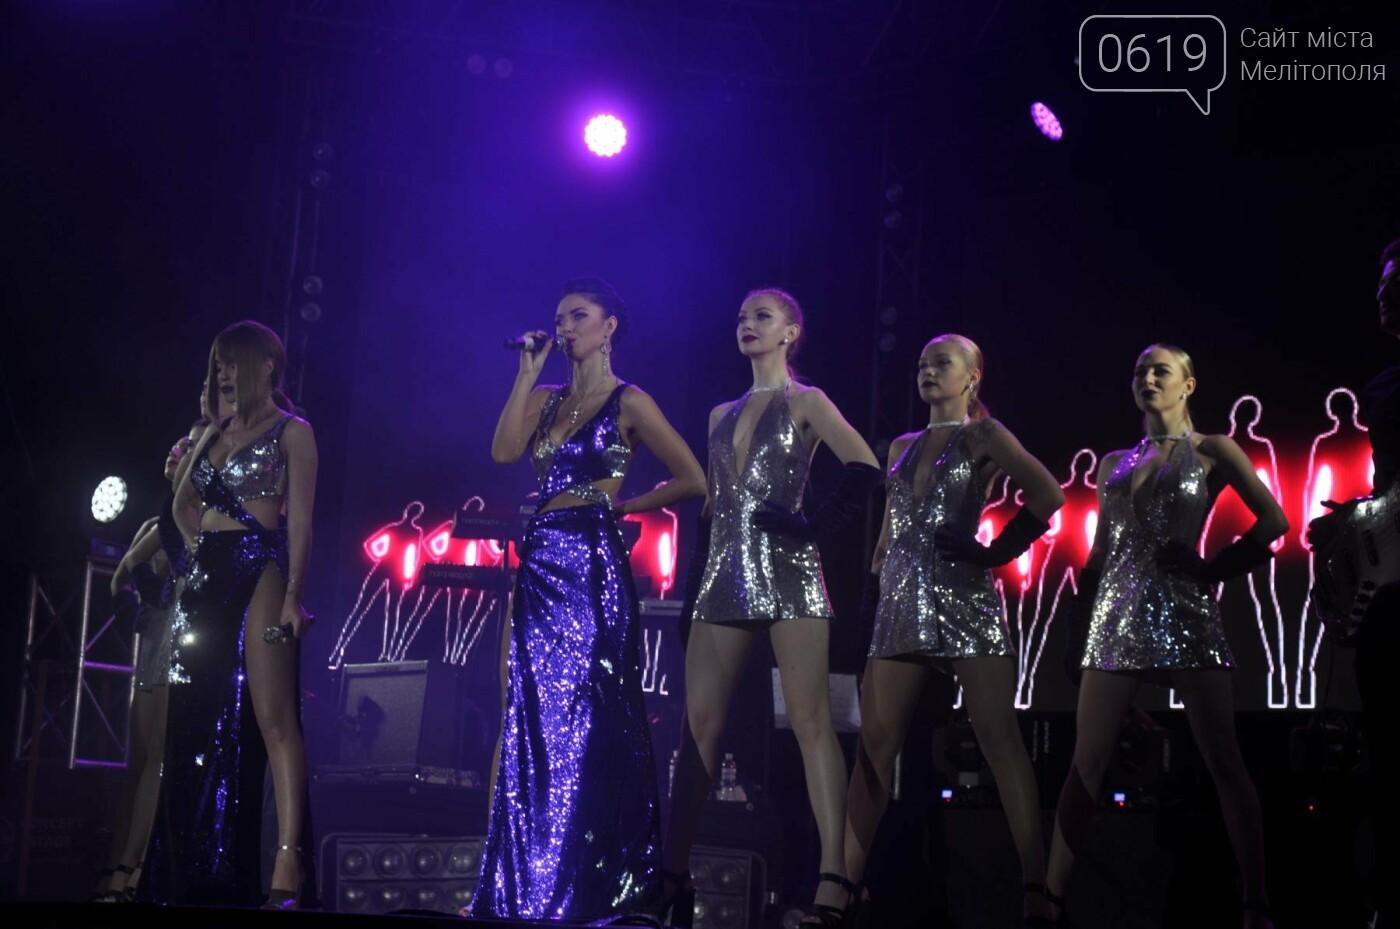 """В Мелитополе состоялся концерт группы """"НеАнгелы"""". Фоторепортаж , фото-4, Фото сайта 0619"""